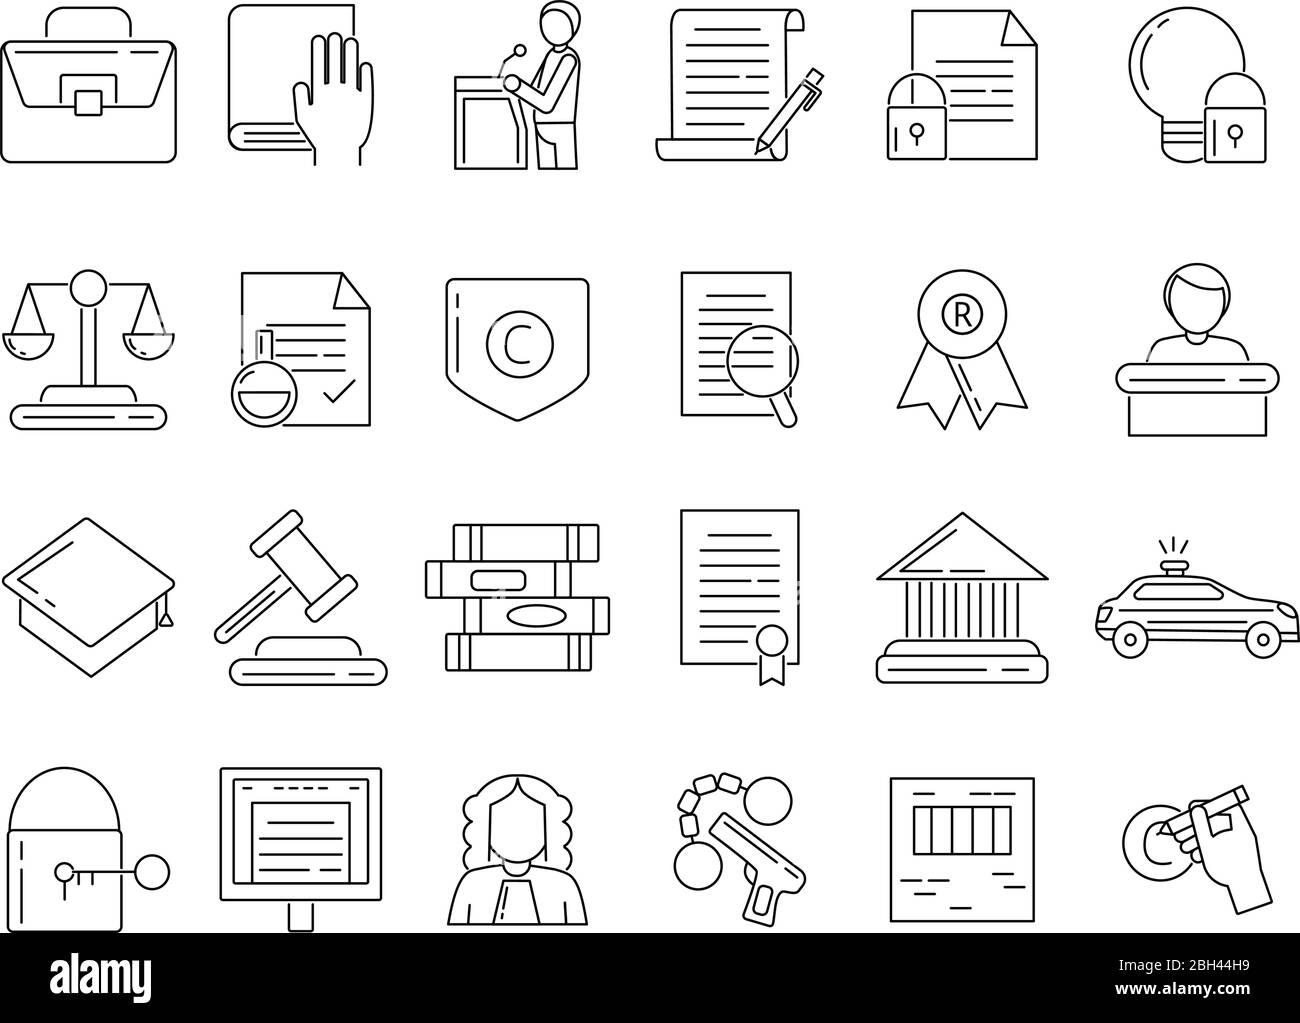 Symboles linéaires de l'avocat, des criminels et de la protection du droit d'auteur. Jurisprudence juridique, tribunal et style de ligne de jugement. Illustration vectorielle Illustration de Vecteur